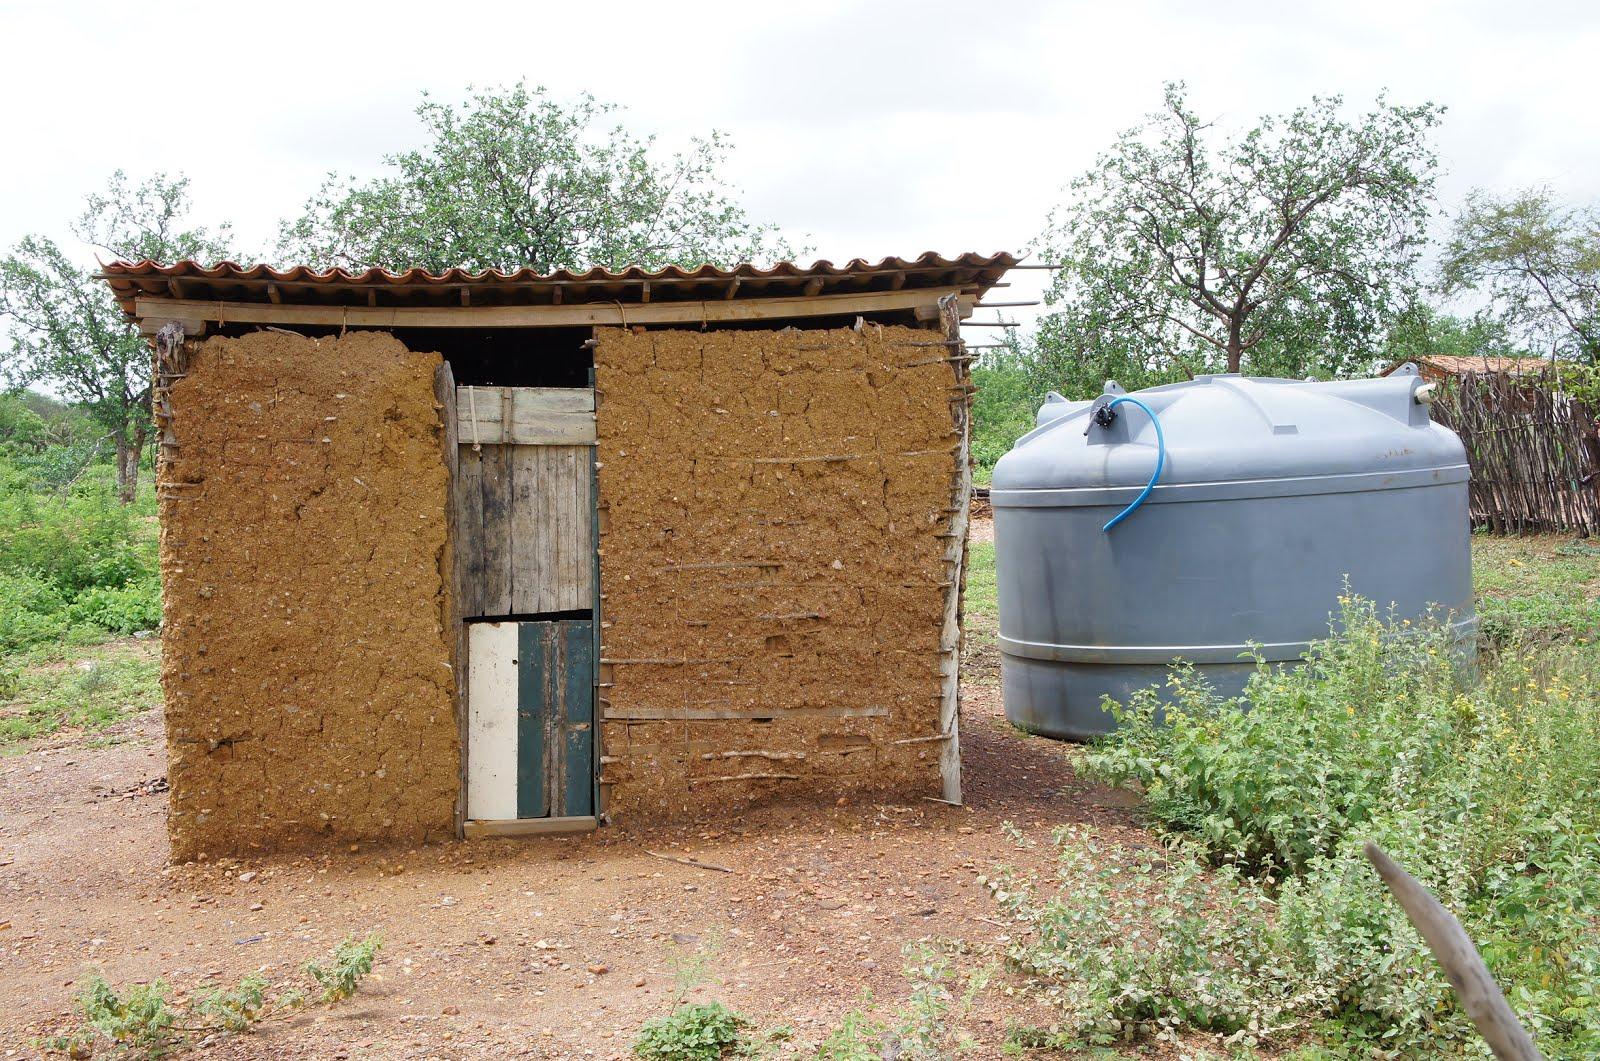 O que o agricultor precisava! de uma casa ou de uma cisterna!